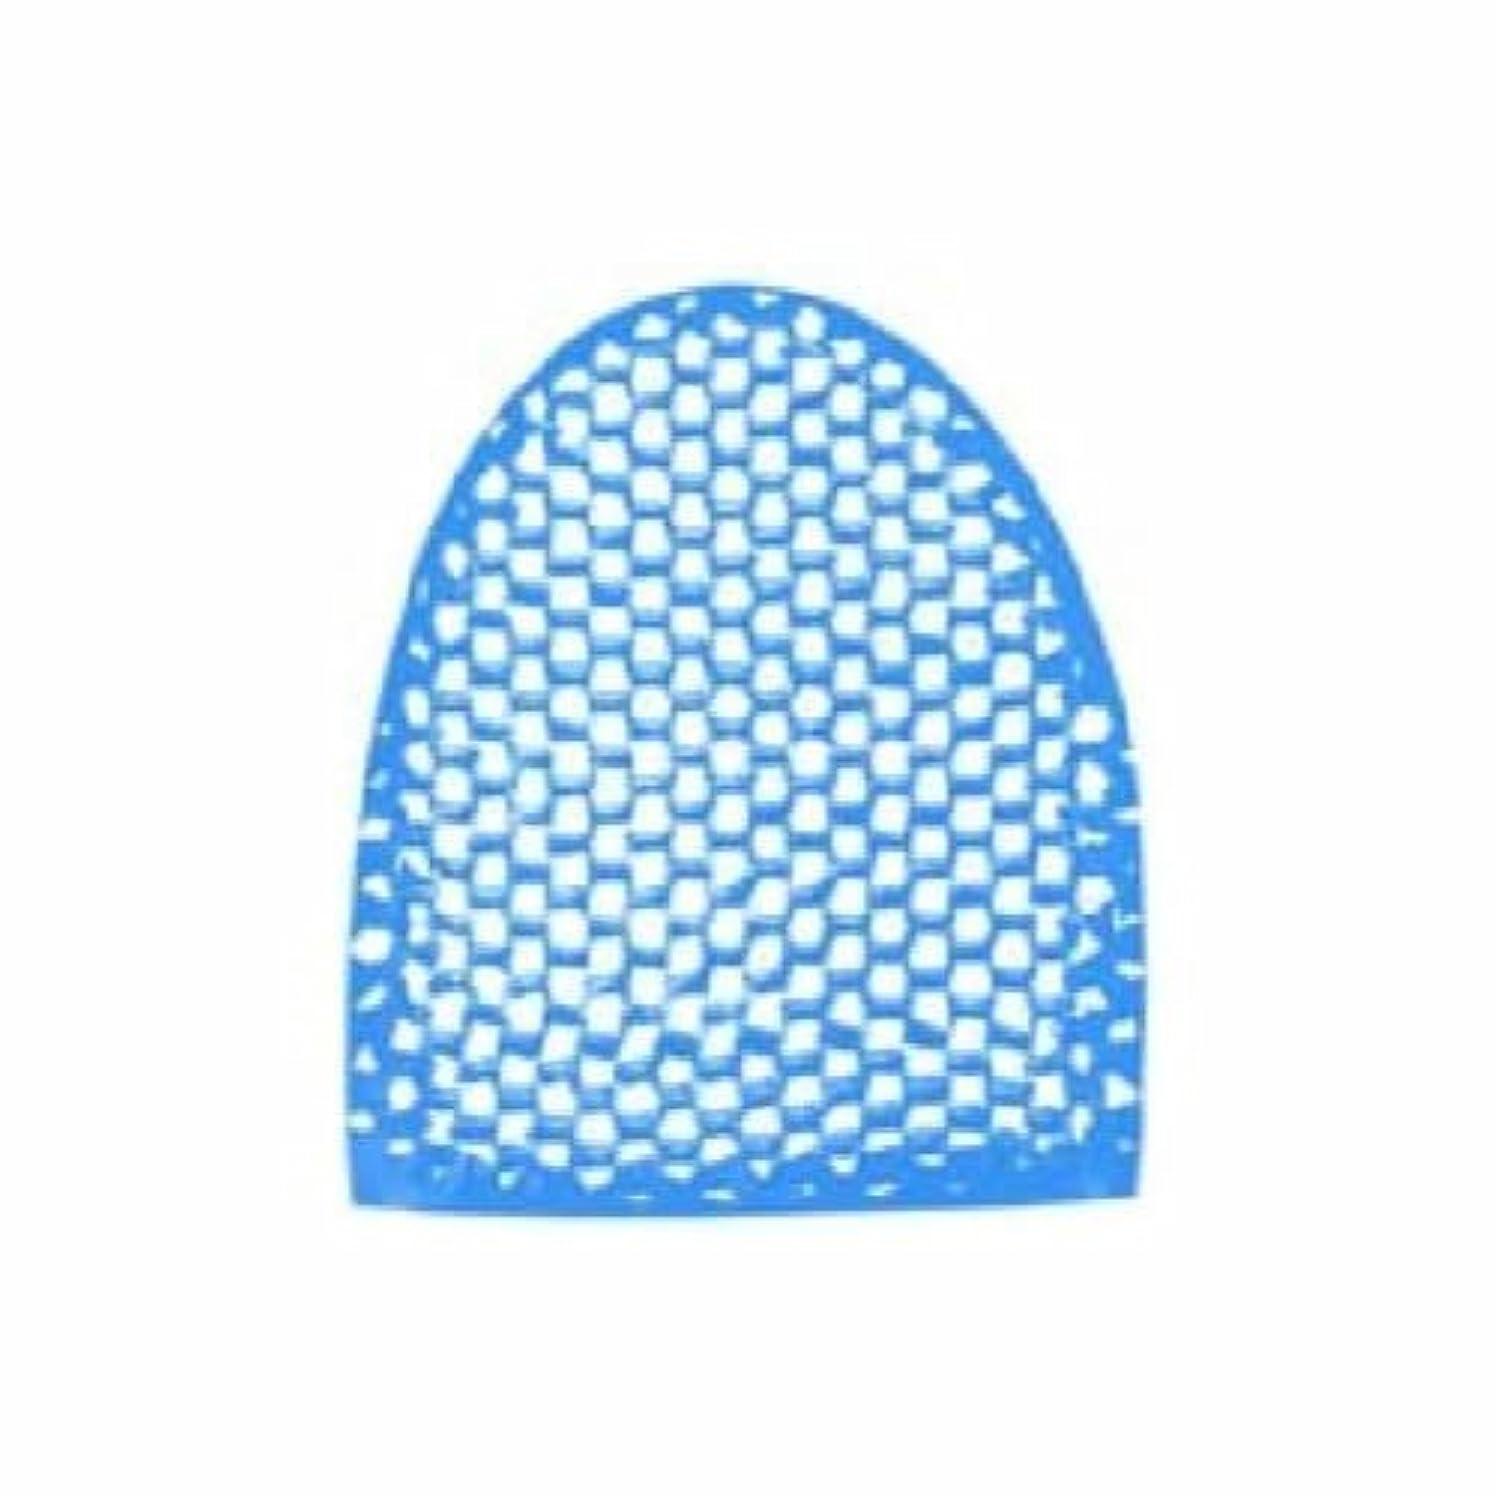 子豚酸化物ドライバスプラコール ハニカム(フェイス) ブルー